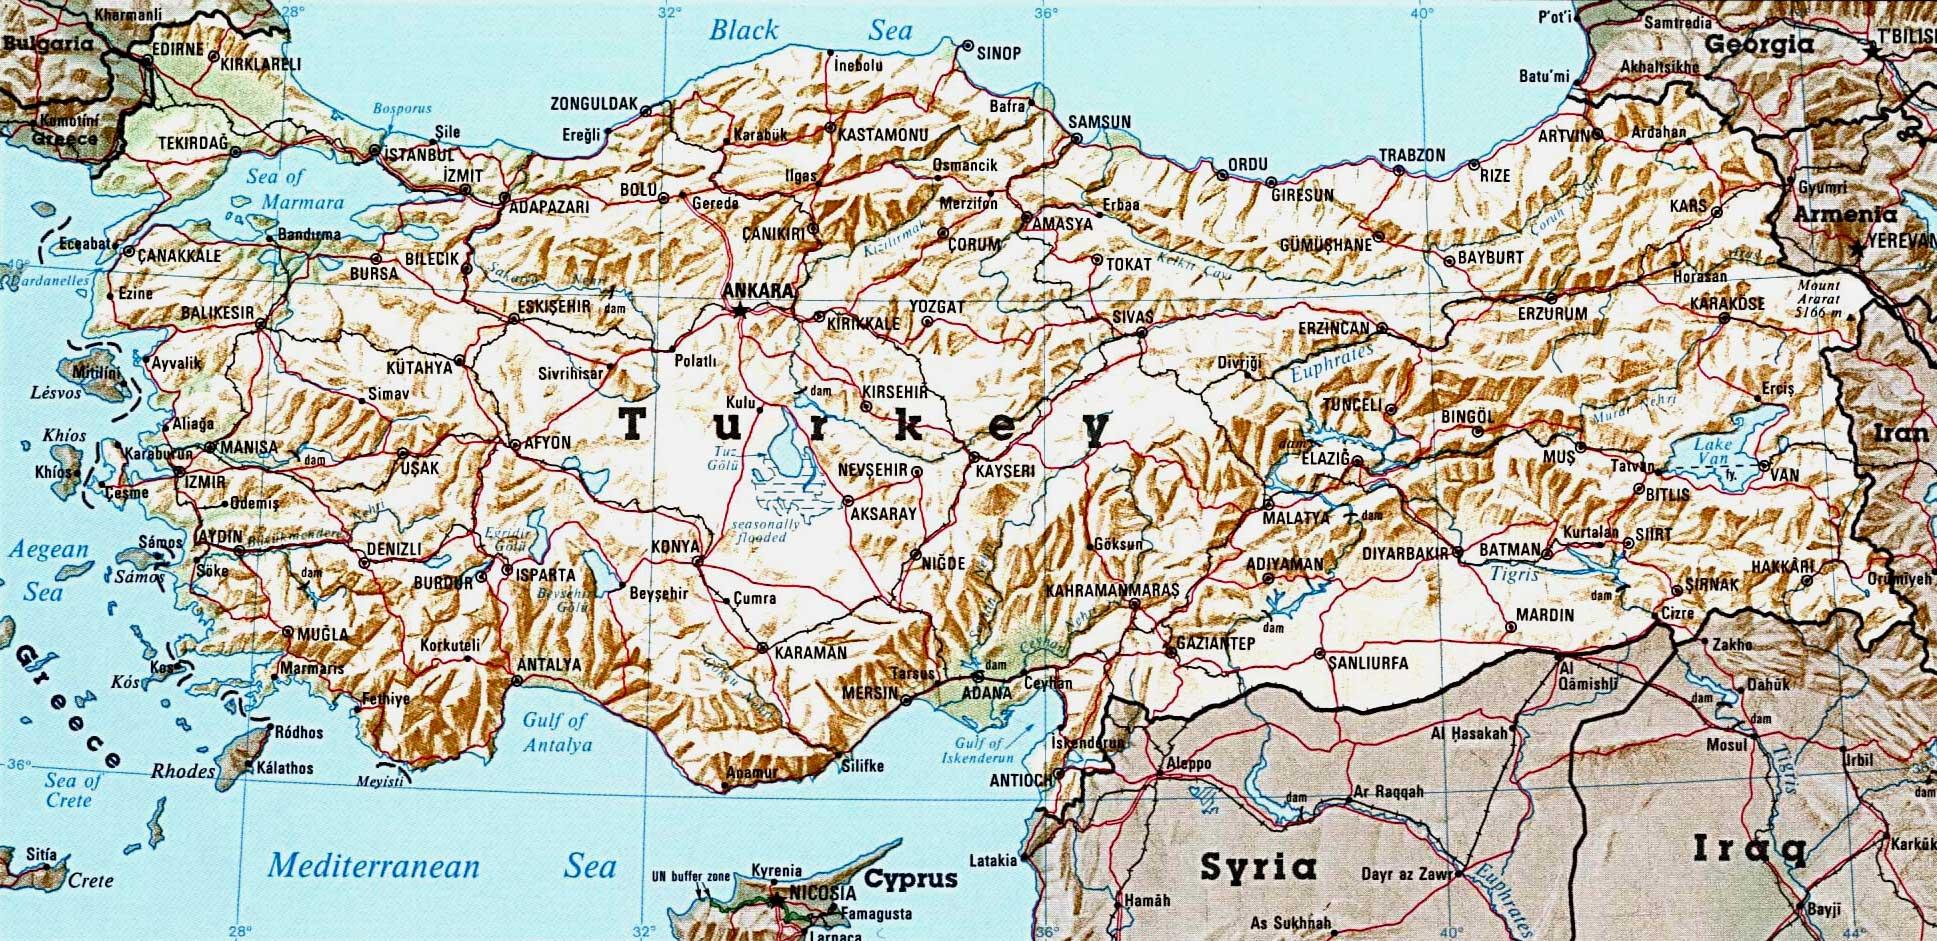 Спутниковая карта турции от яндекс